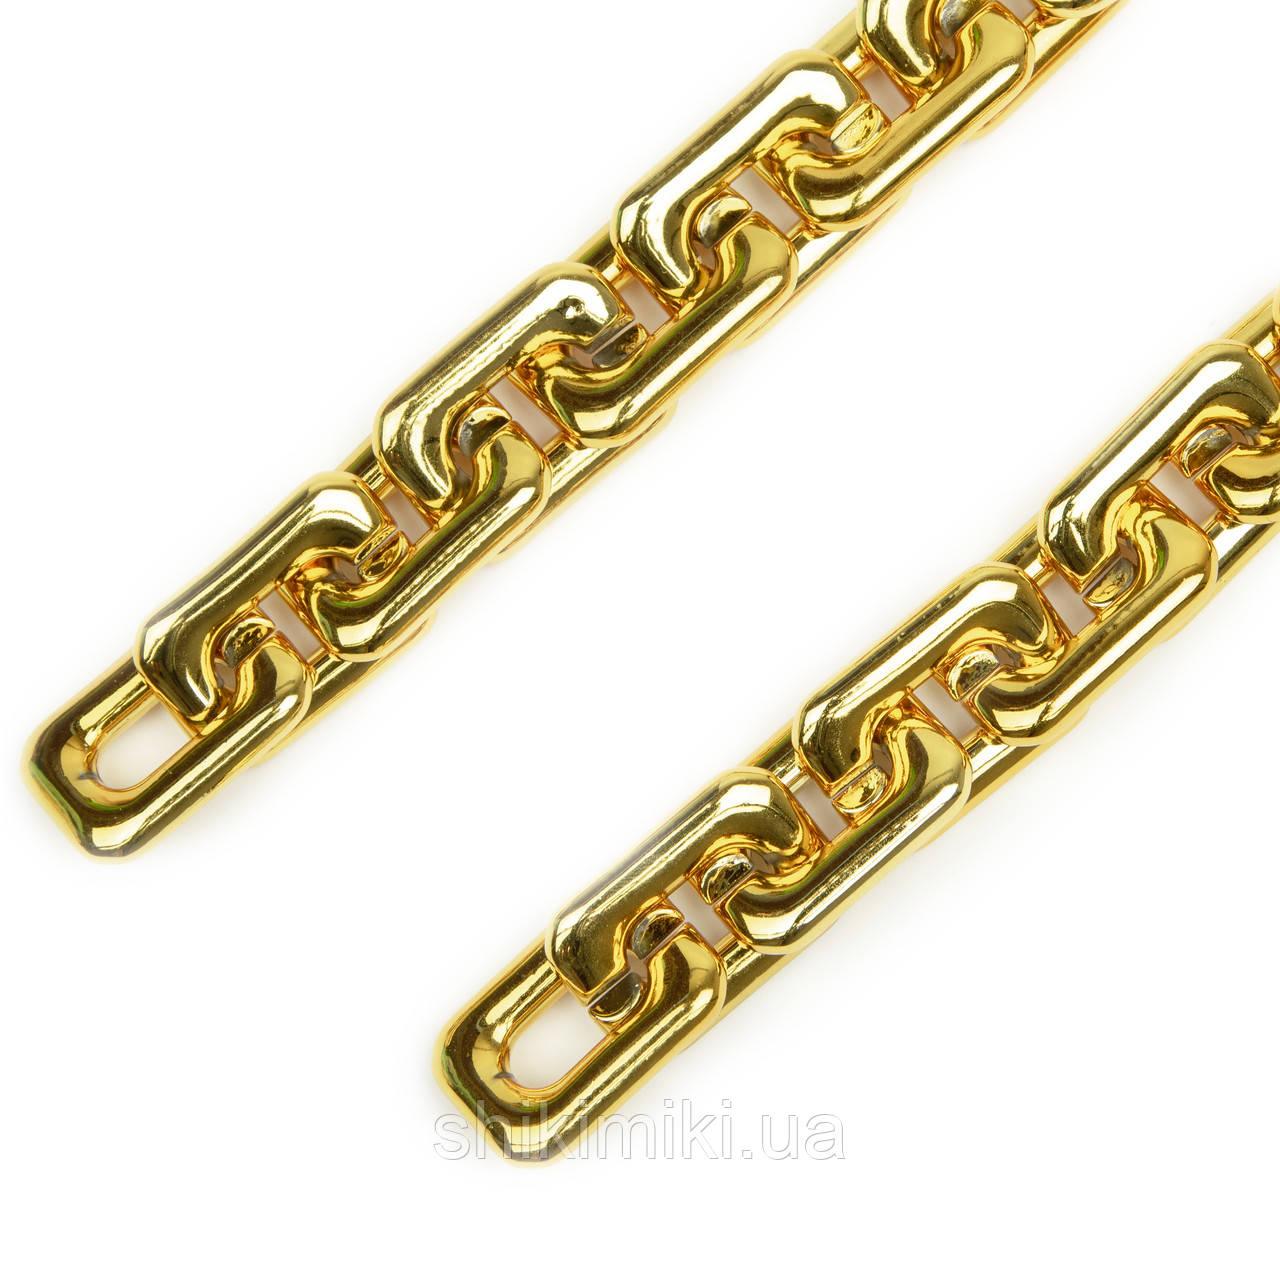 Акриловая цепь для сумок, якорная (60 см), цвет желтое золото